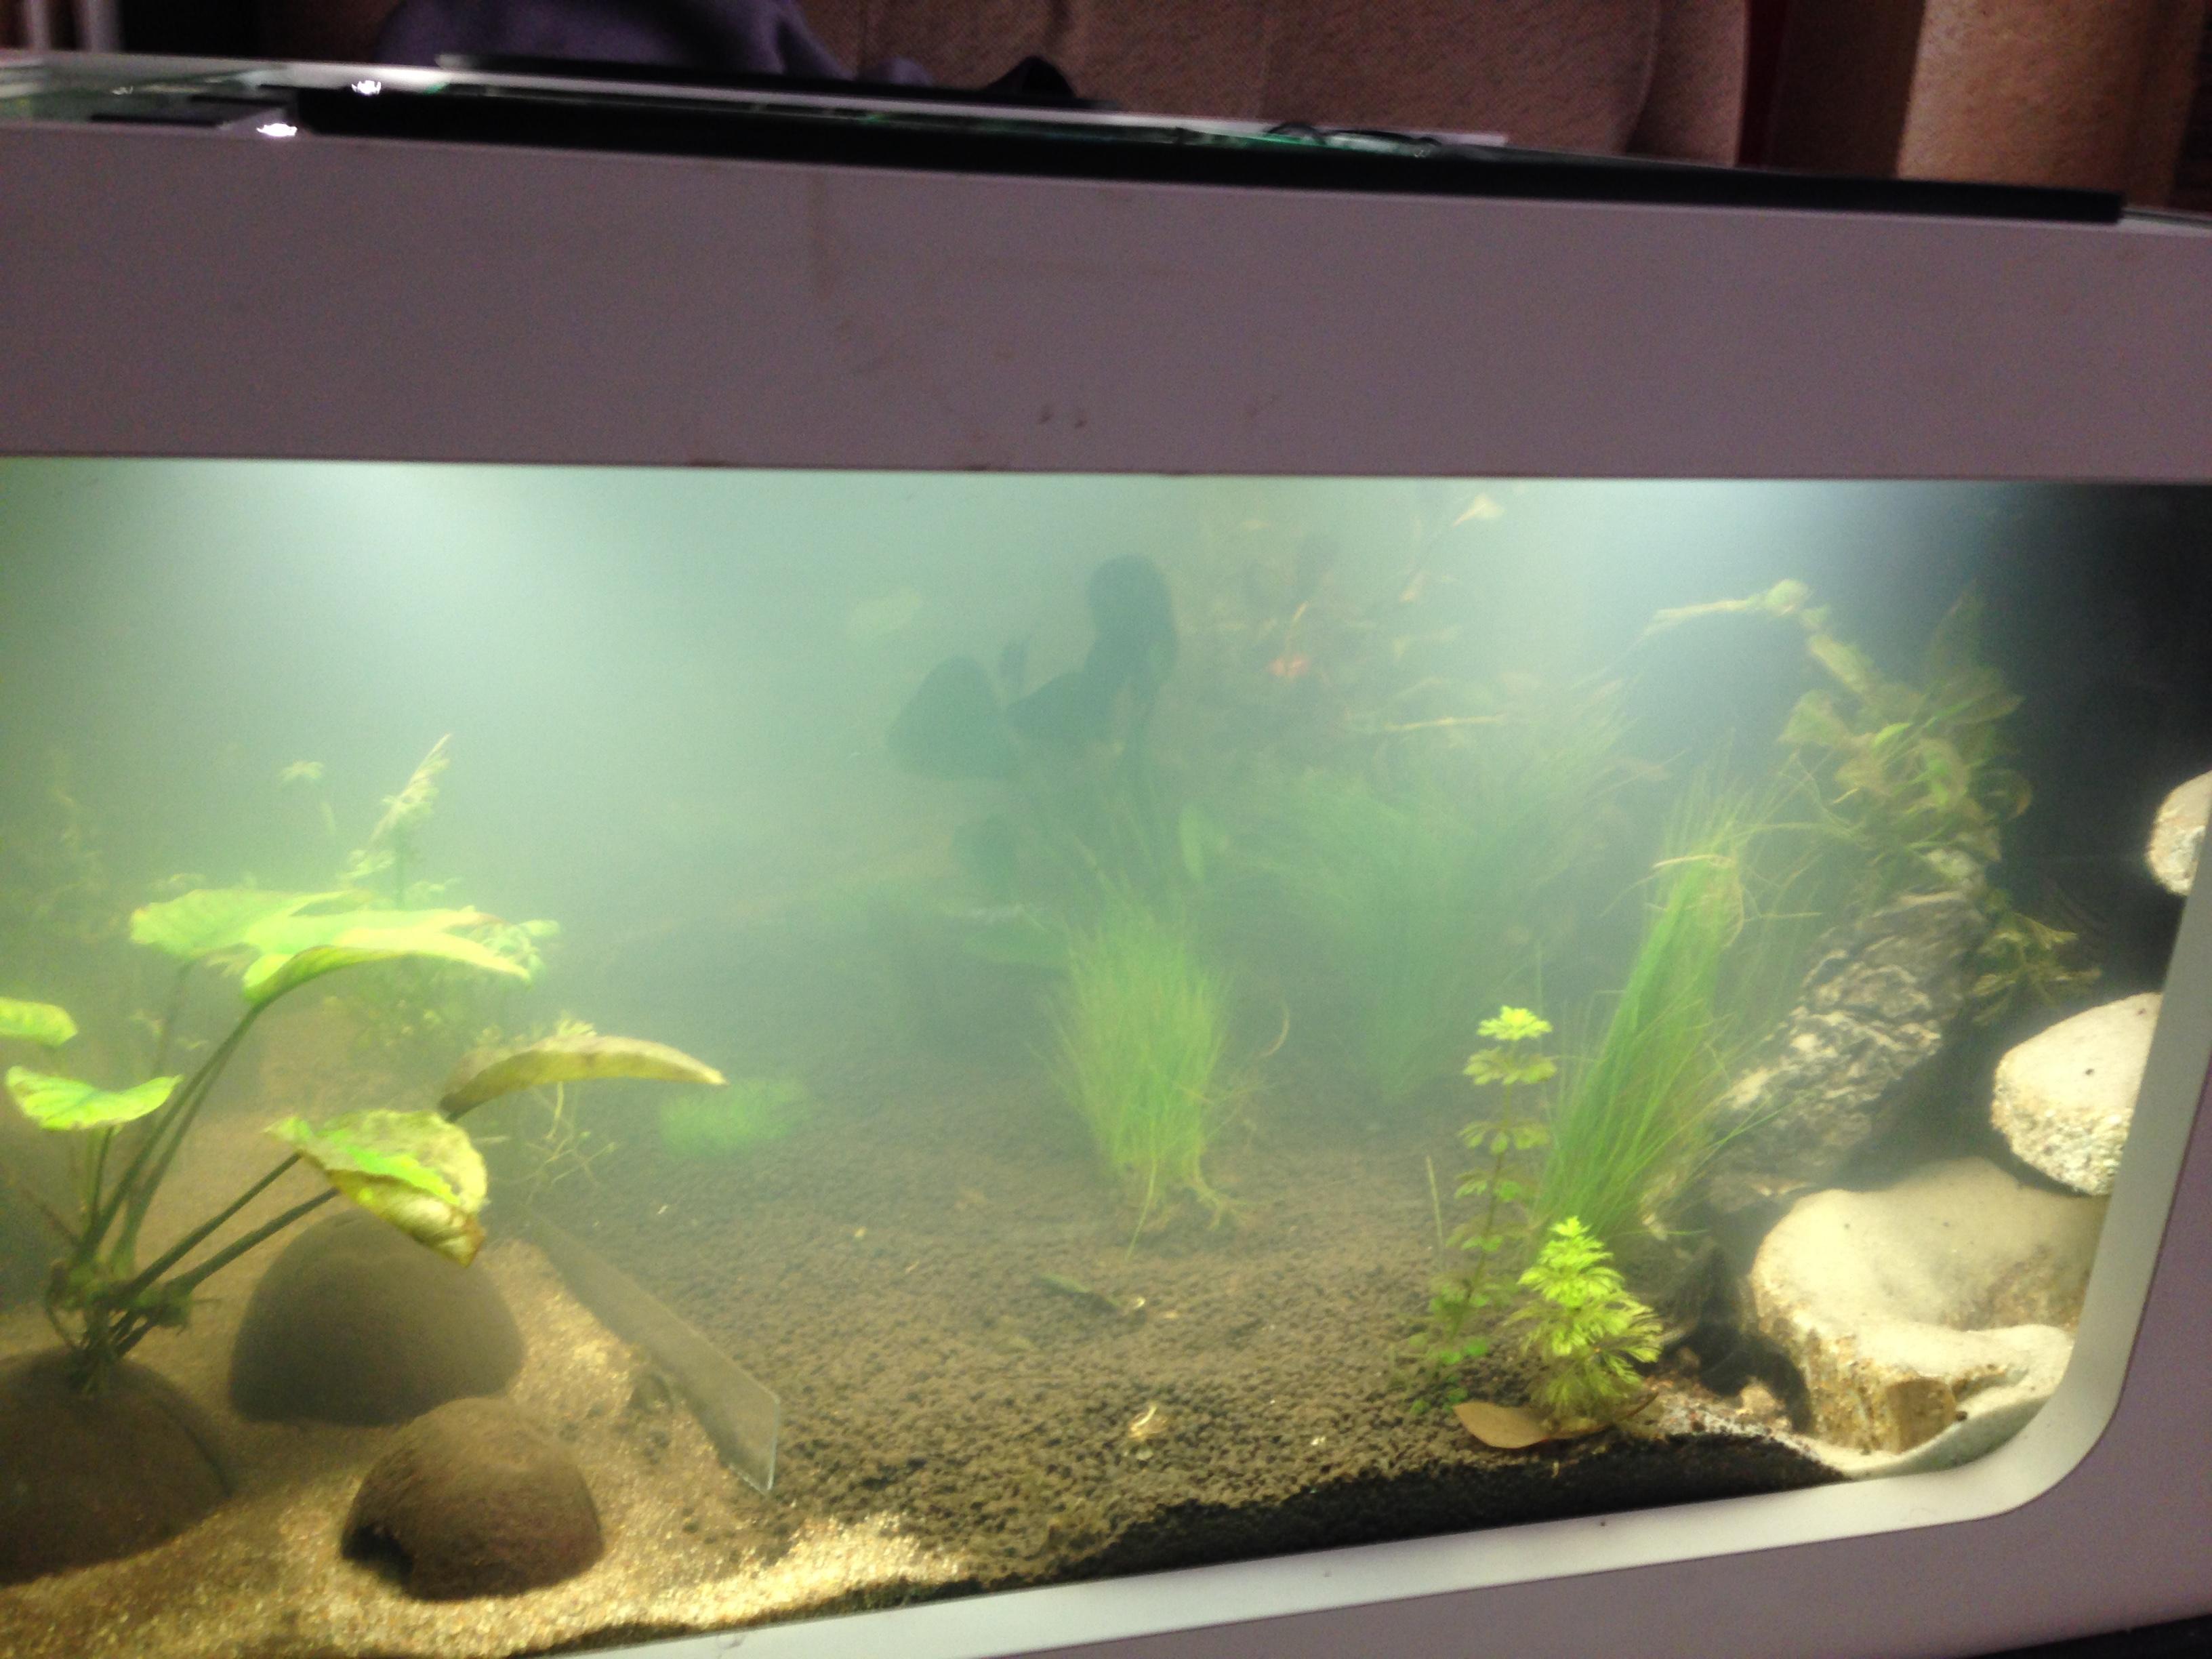 Mesures incohérentes et algues brunes 911757IMG02431